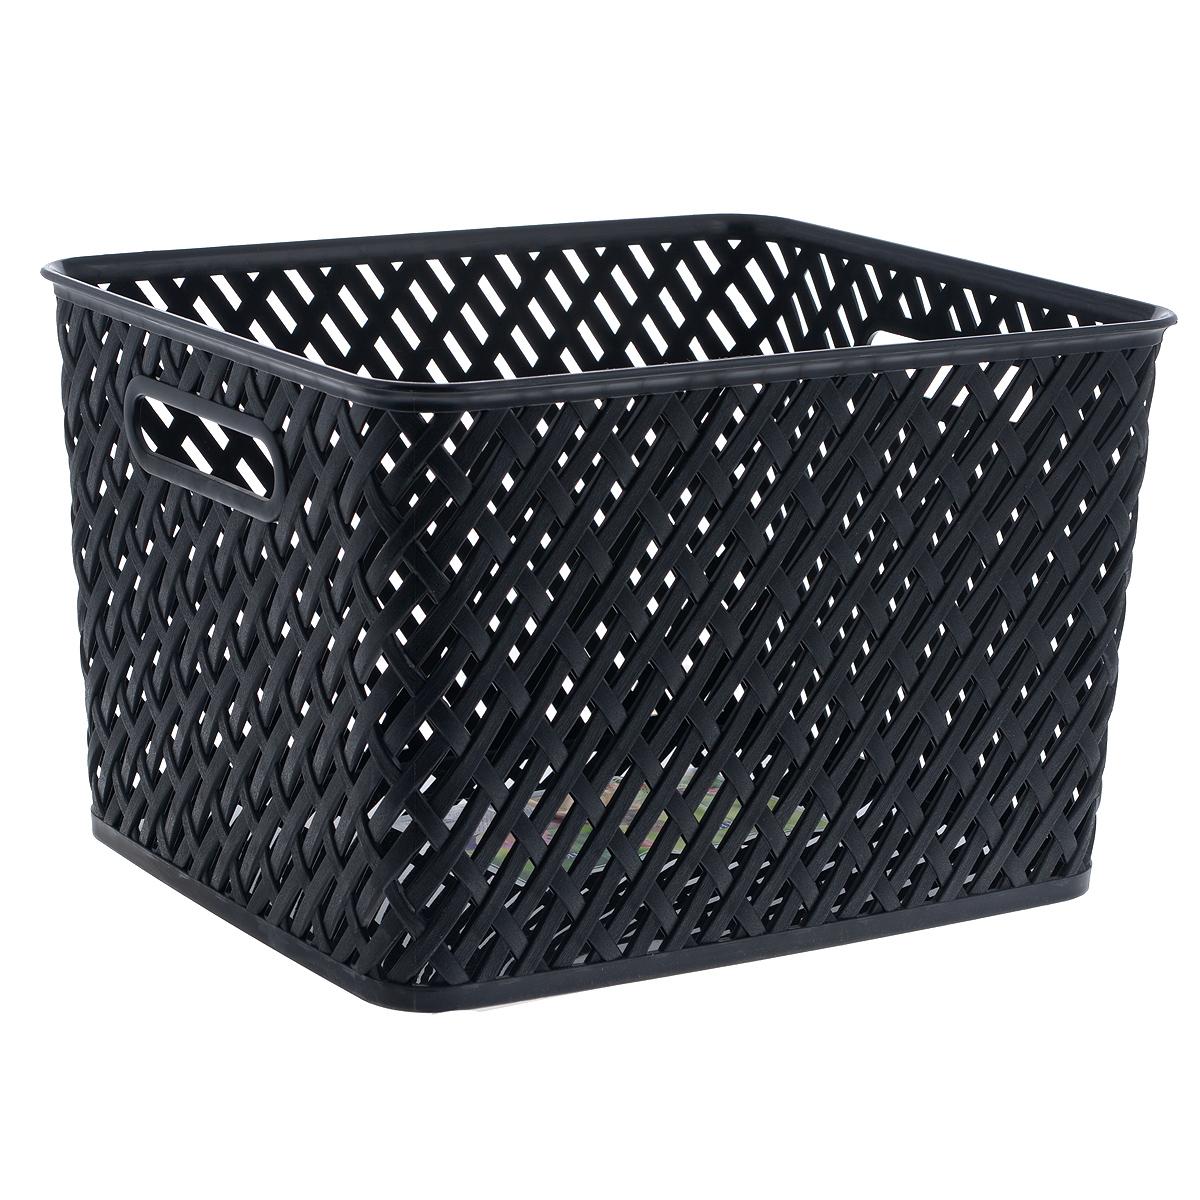 """Прямоугольная корзина """"Плетенка"""" изготовлена из высококачественного пластика и декорирована перфорацией. Она предназначена для хранения различных мелочей дома или на даче. Позволяет хранить мелкие вещи, исключая возможность их потери.   Корзина очень вместительная. Элегантный выдержанный дизайн позволяет органично вписаться в ваш интерьер и стать его элементом."""